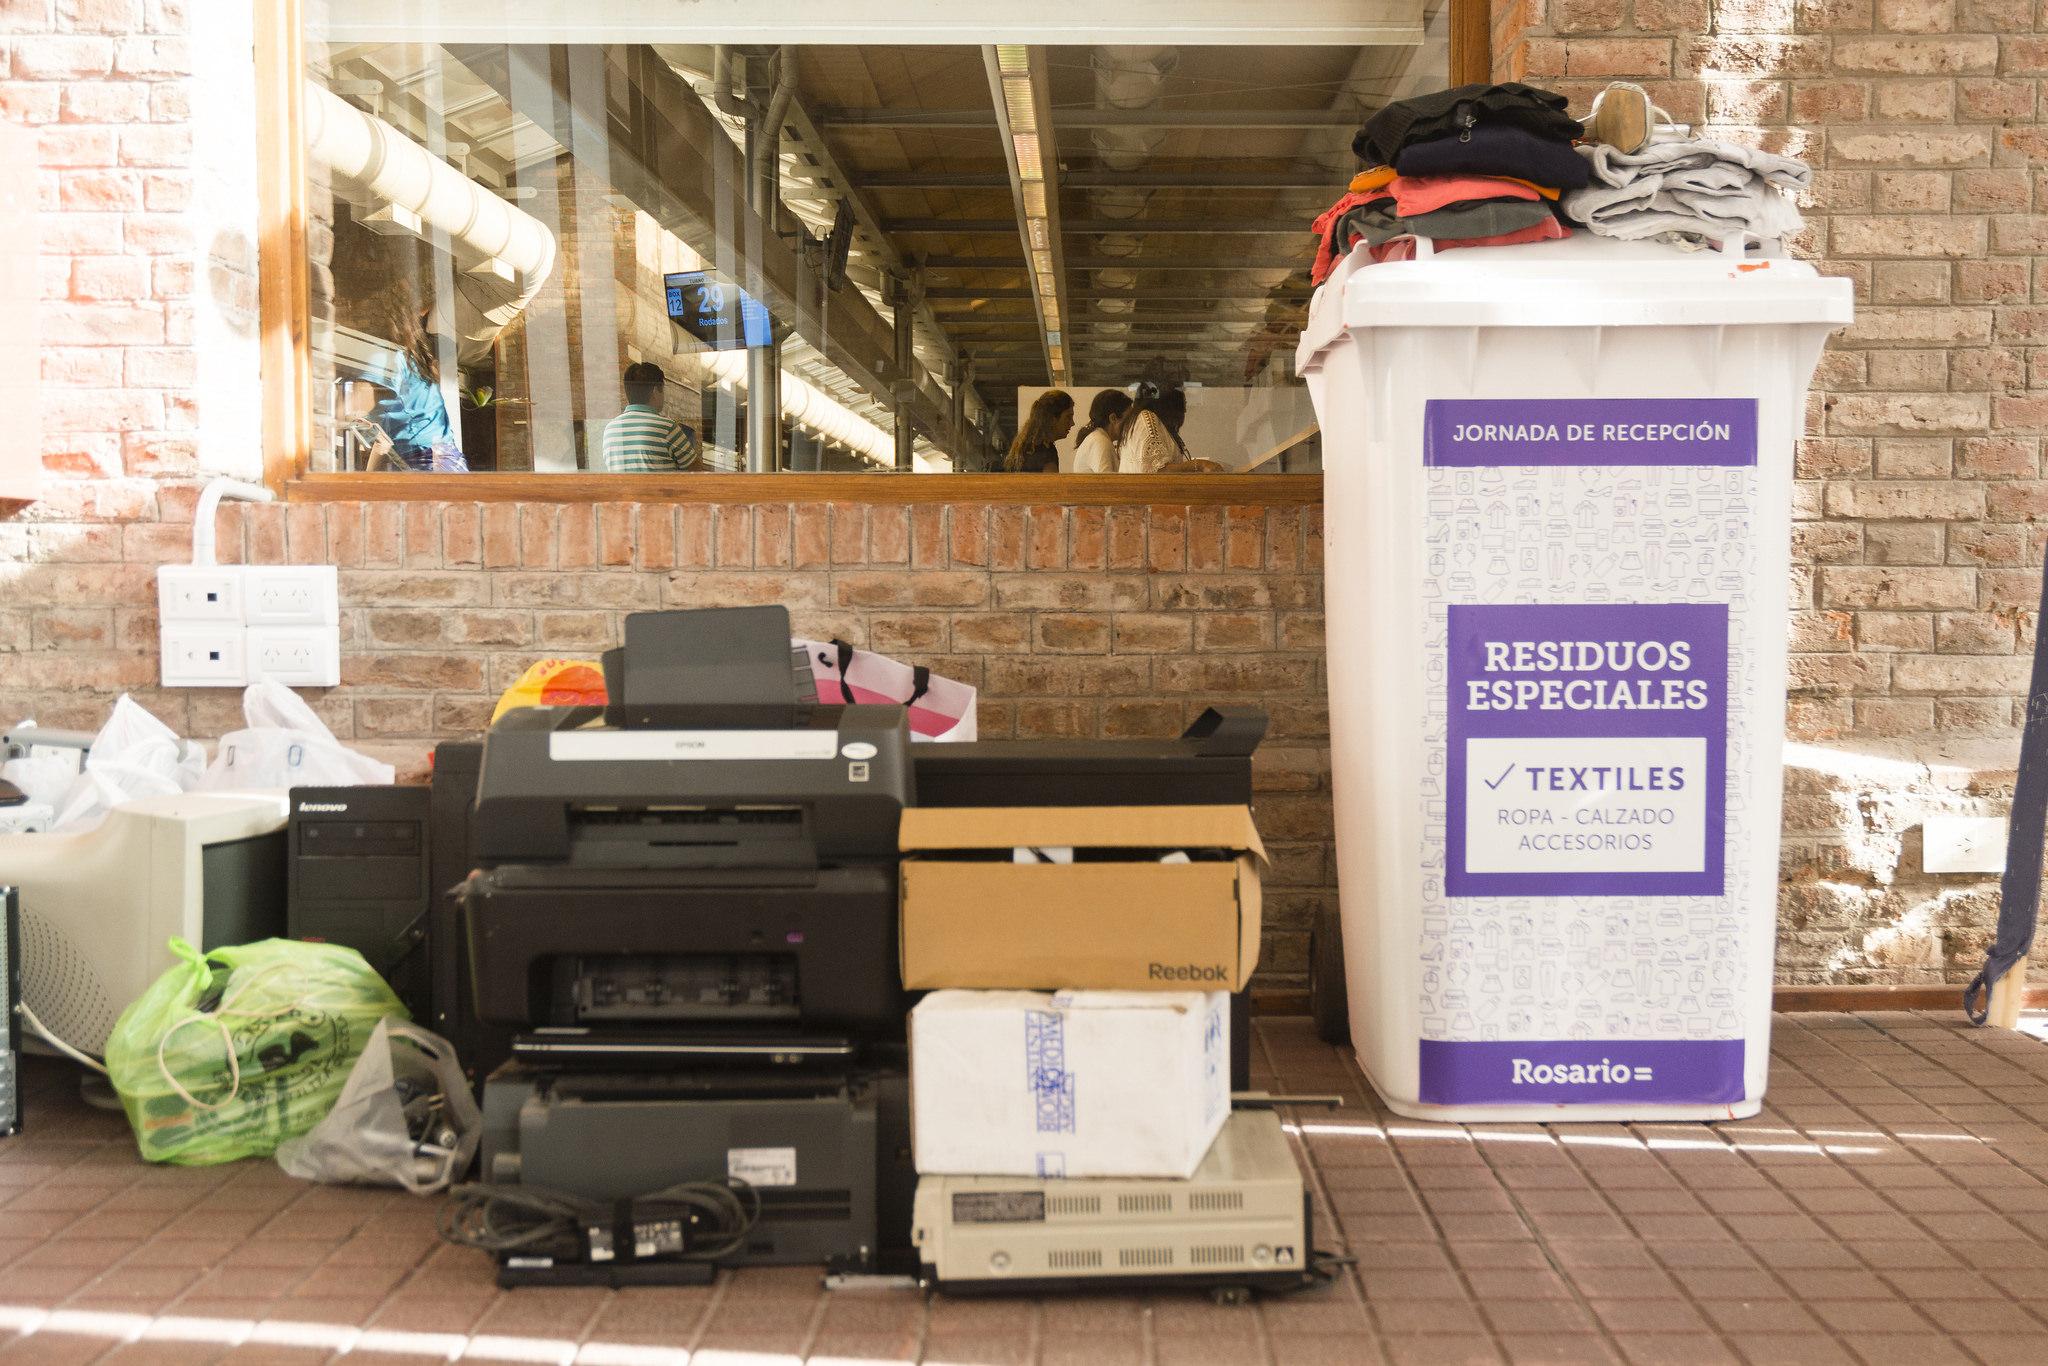 0676dae8 Noticias MR   Residuos informáticos y textiles: llega una nueva edición de  las jornadas de recepción